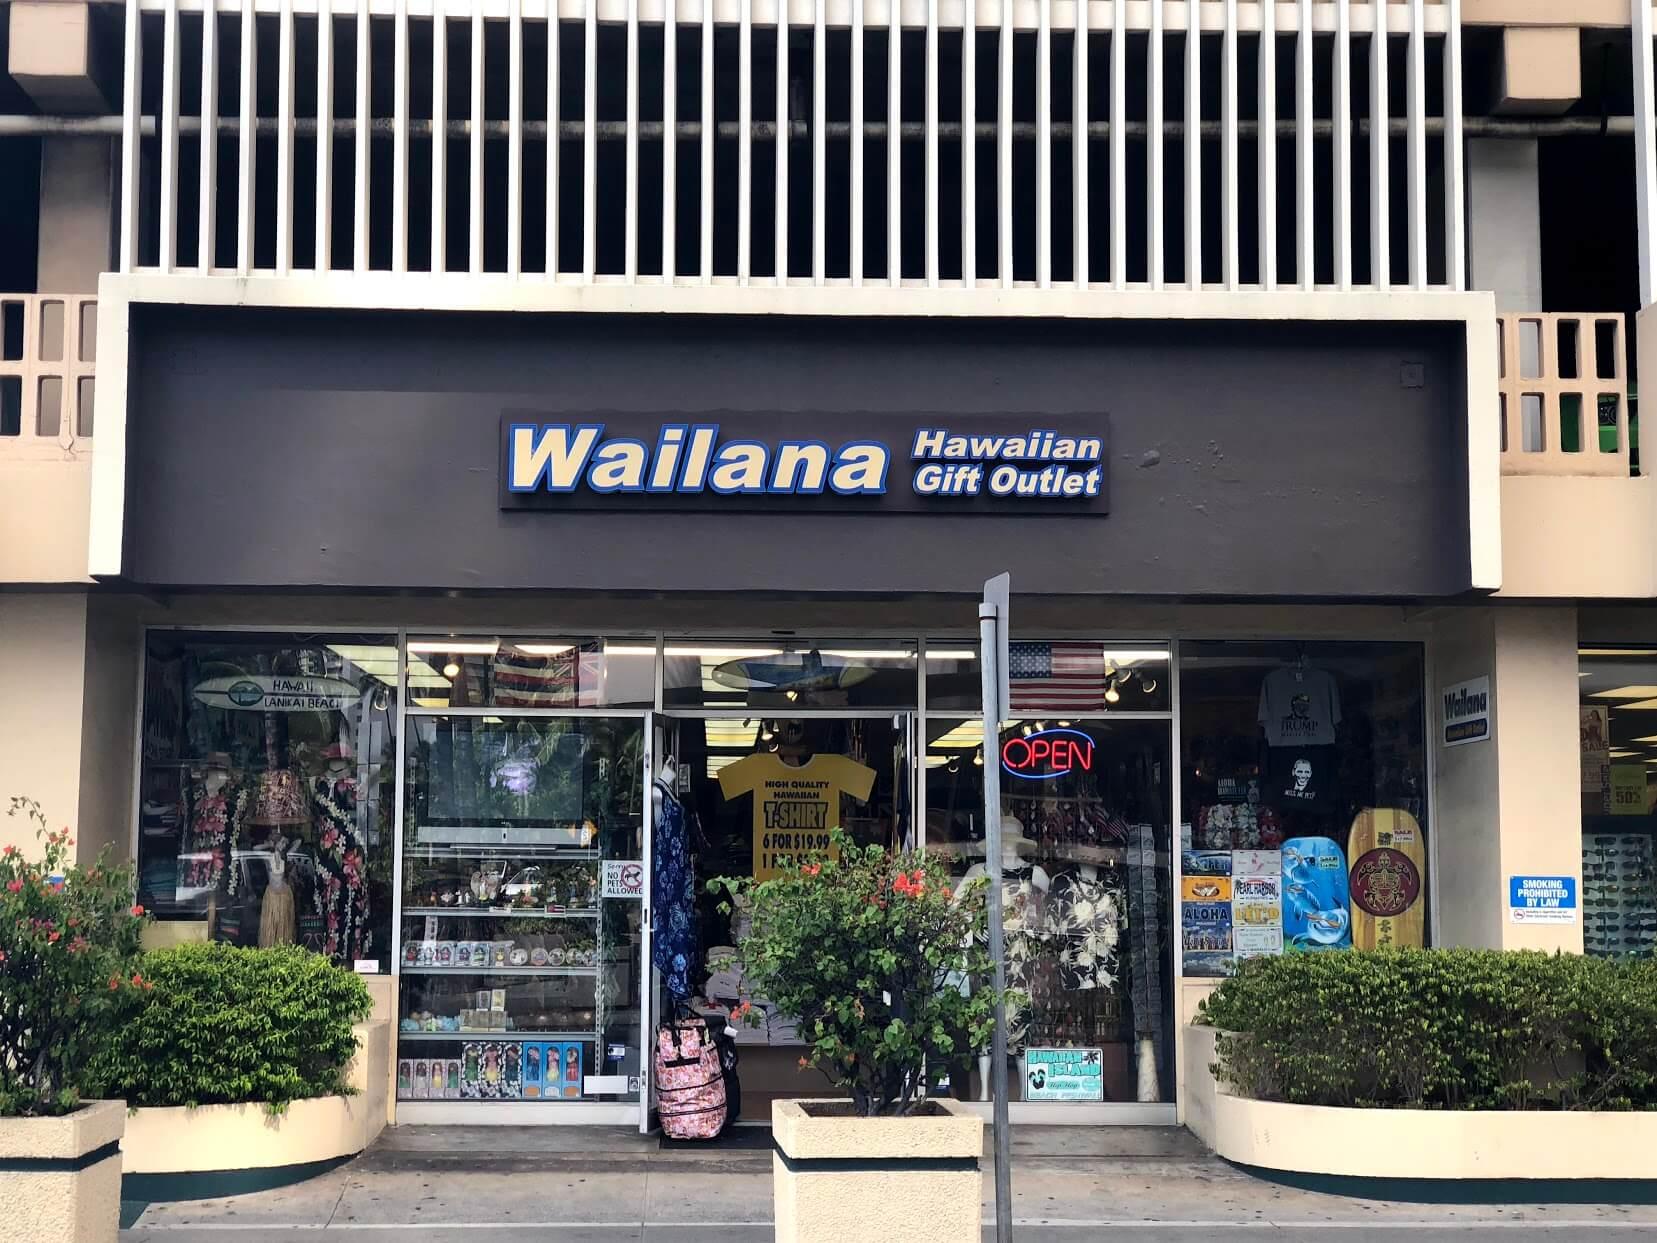 WailanaatWaikikiのストア